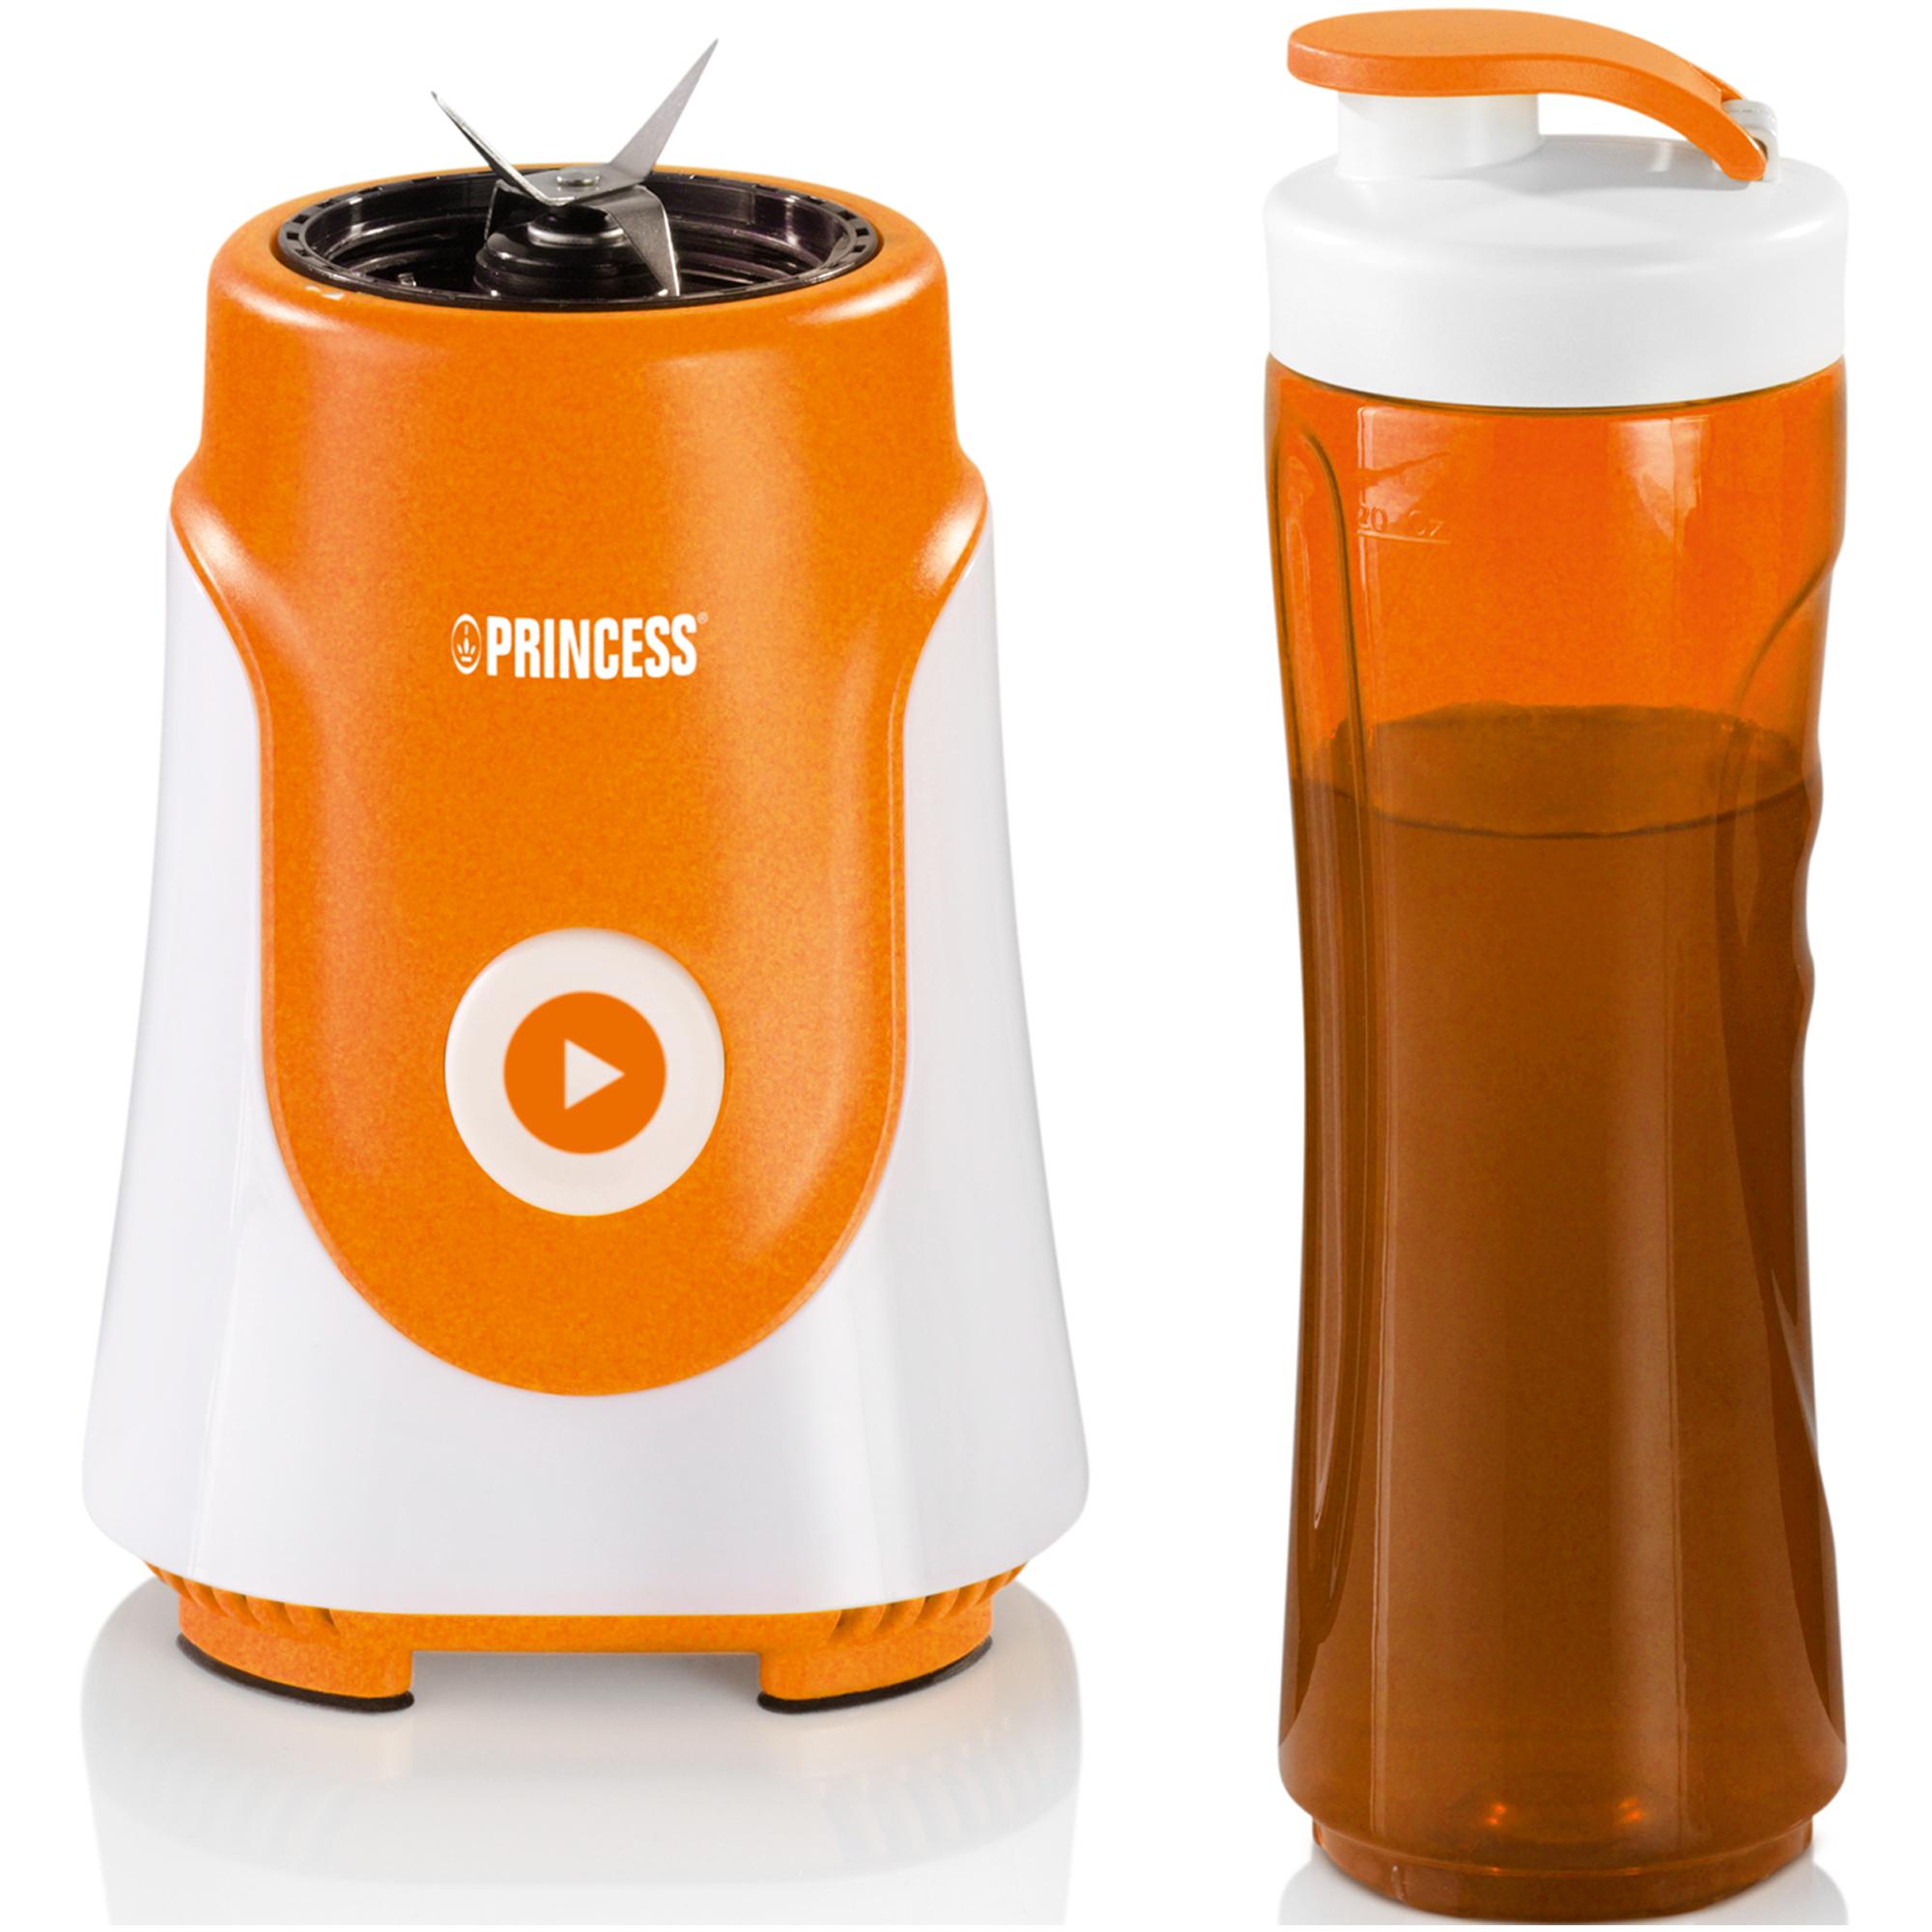 Vaso de Tritan sin BPA duradero y resistente. Junto con la batidora personal Princess ...